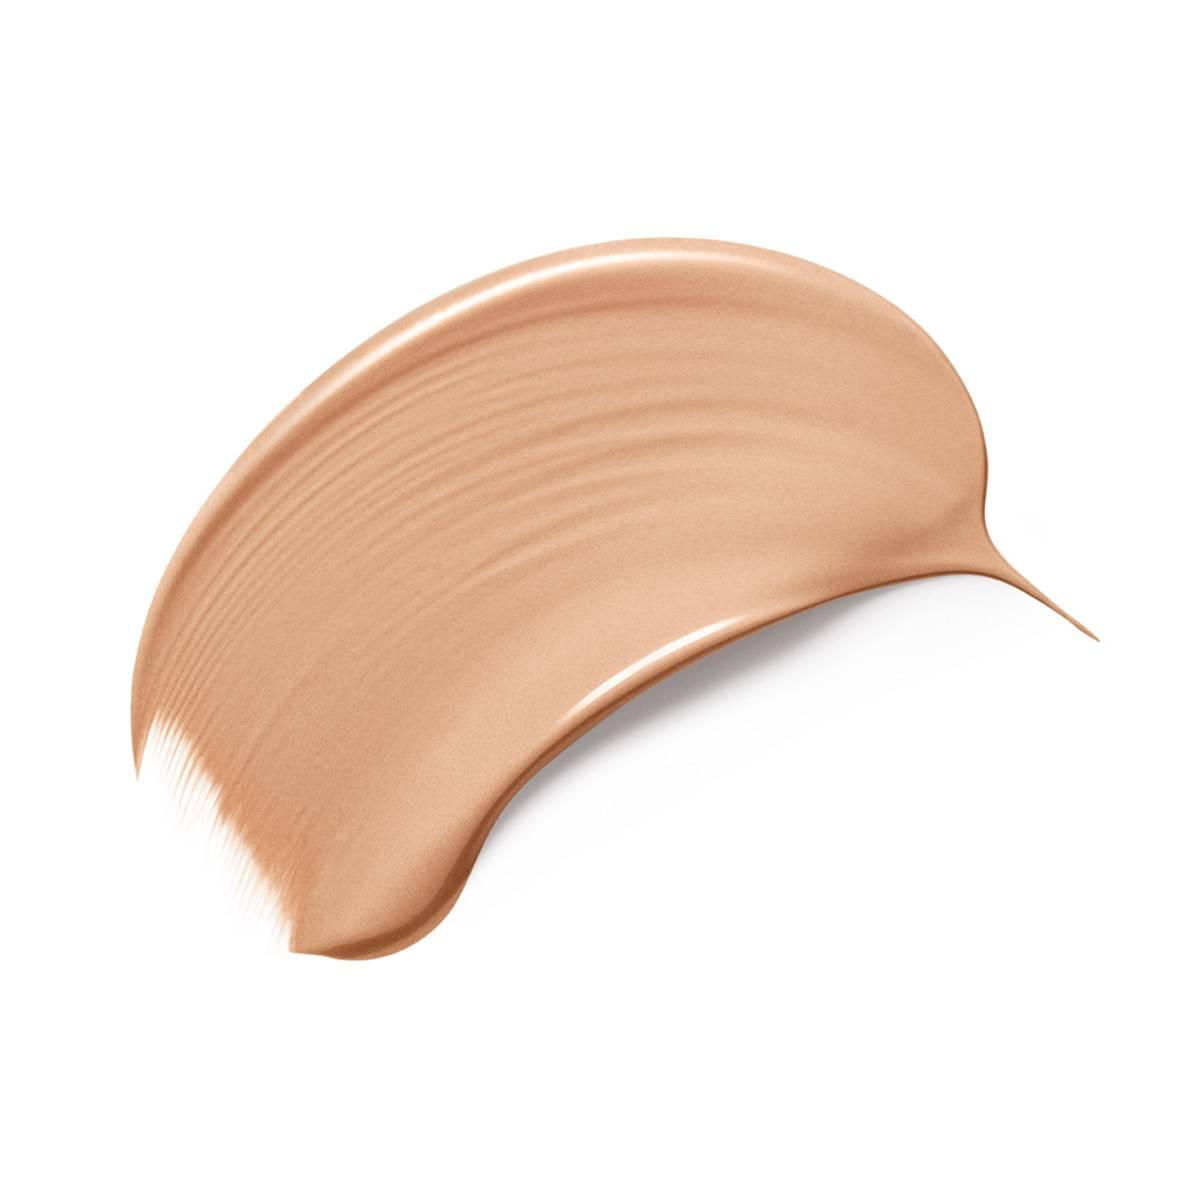 La Roche Posay Tuotesivu Rosaliac CC Cream Texture